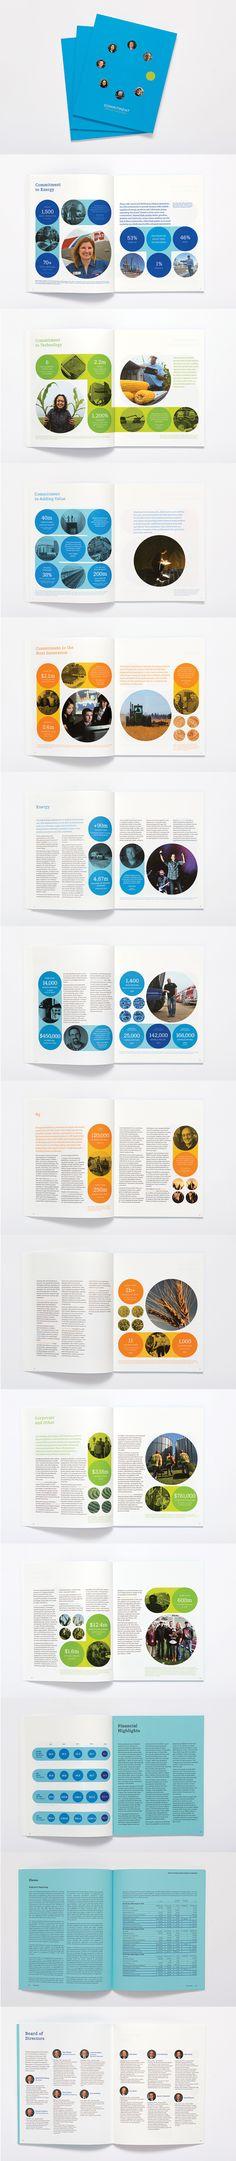 2015 CHS Annual Report - Design Portfolio of Erik Herberg                                                                                                                                                                                 More